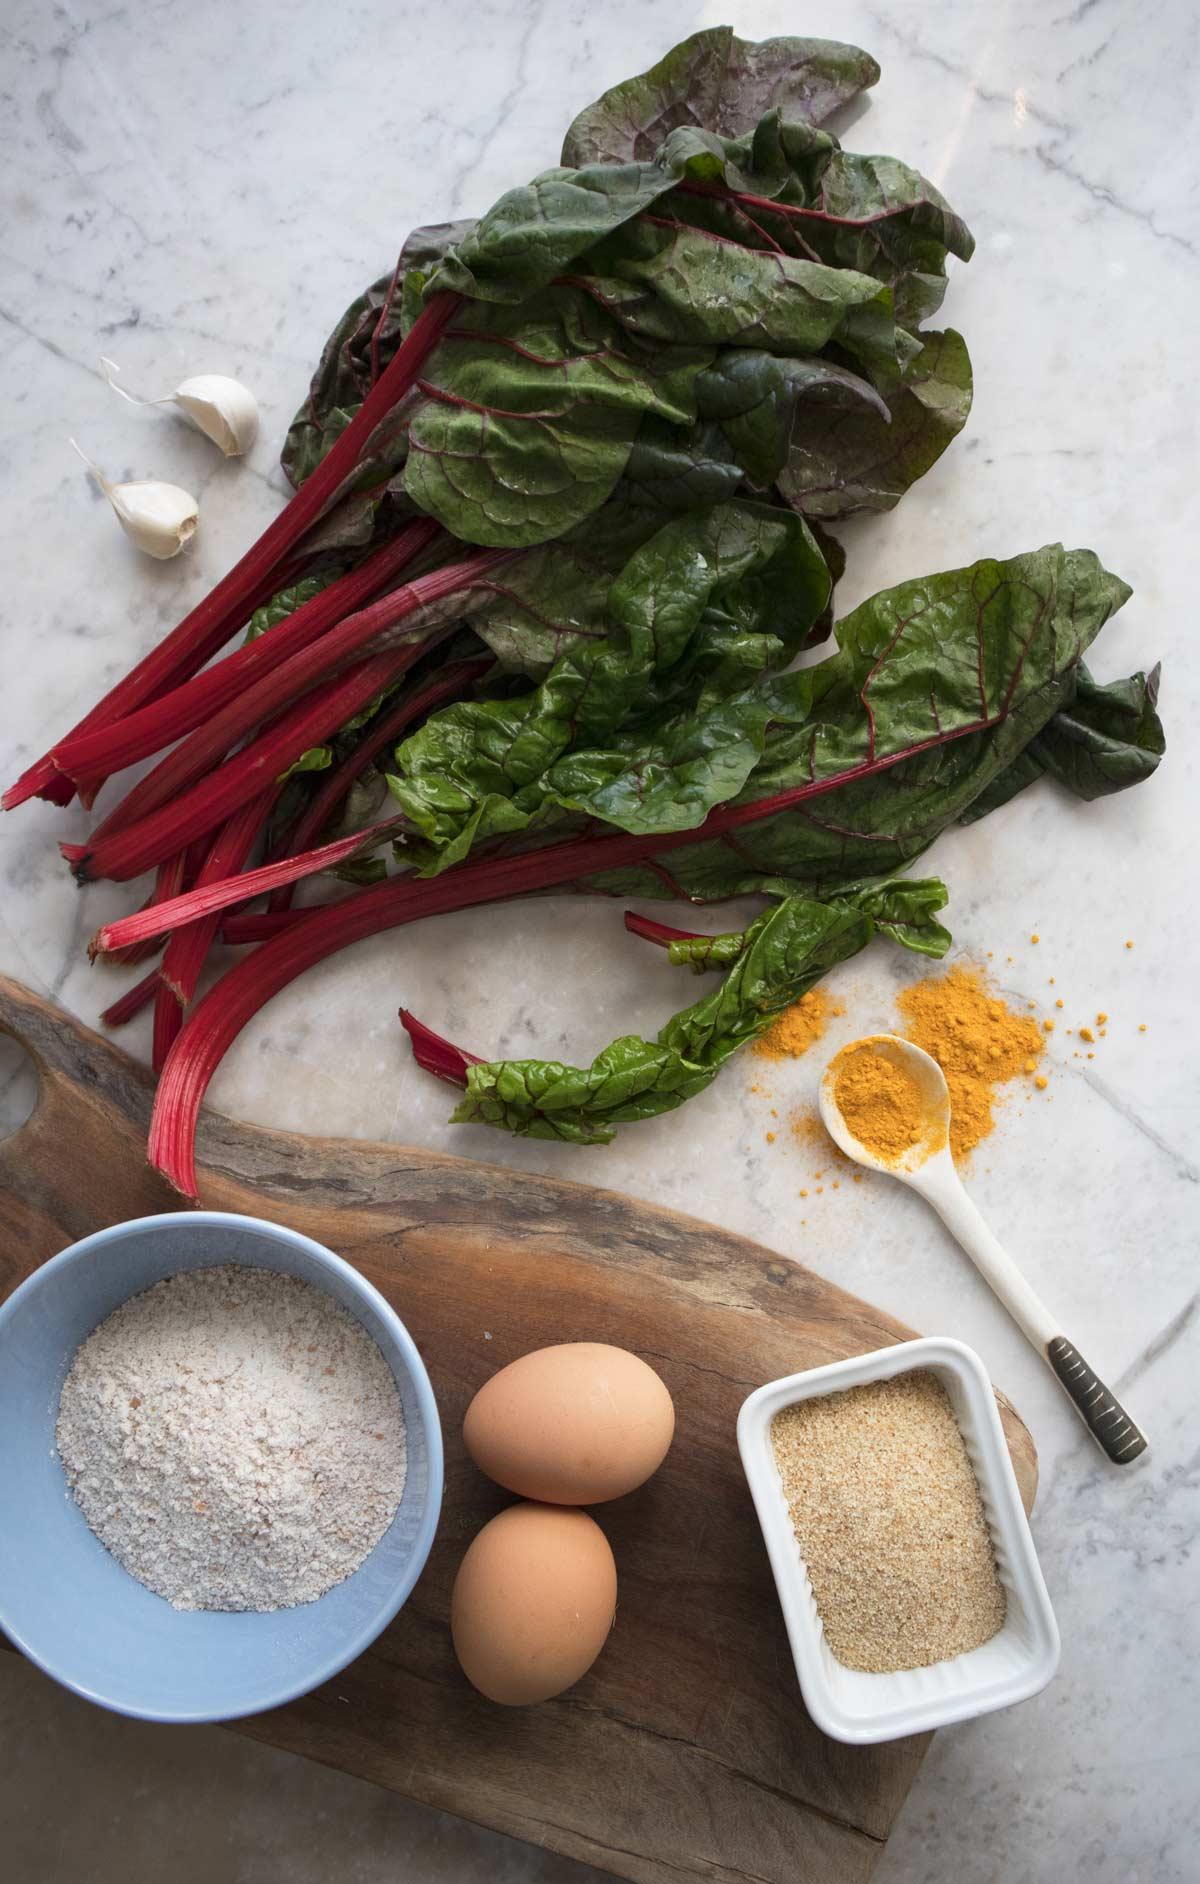 Ingredienti per le crêpes alla curcuma e coste rosse